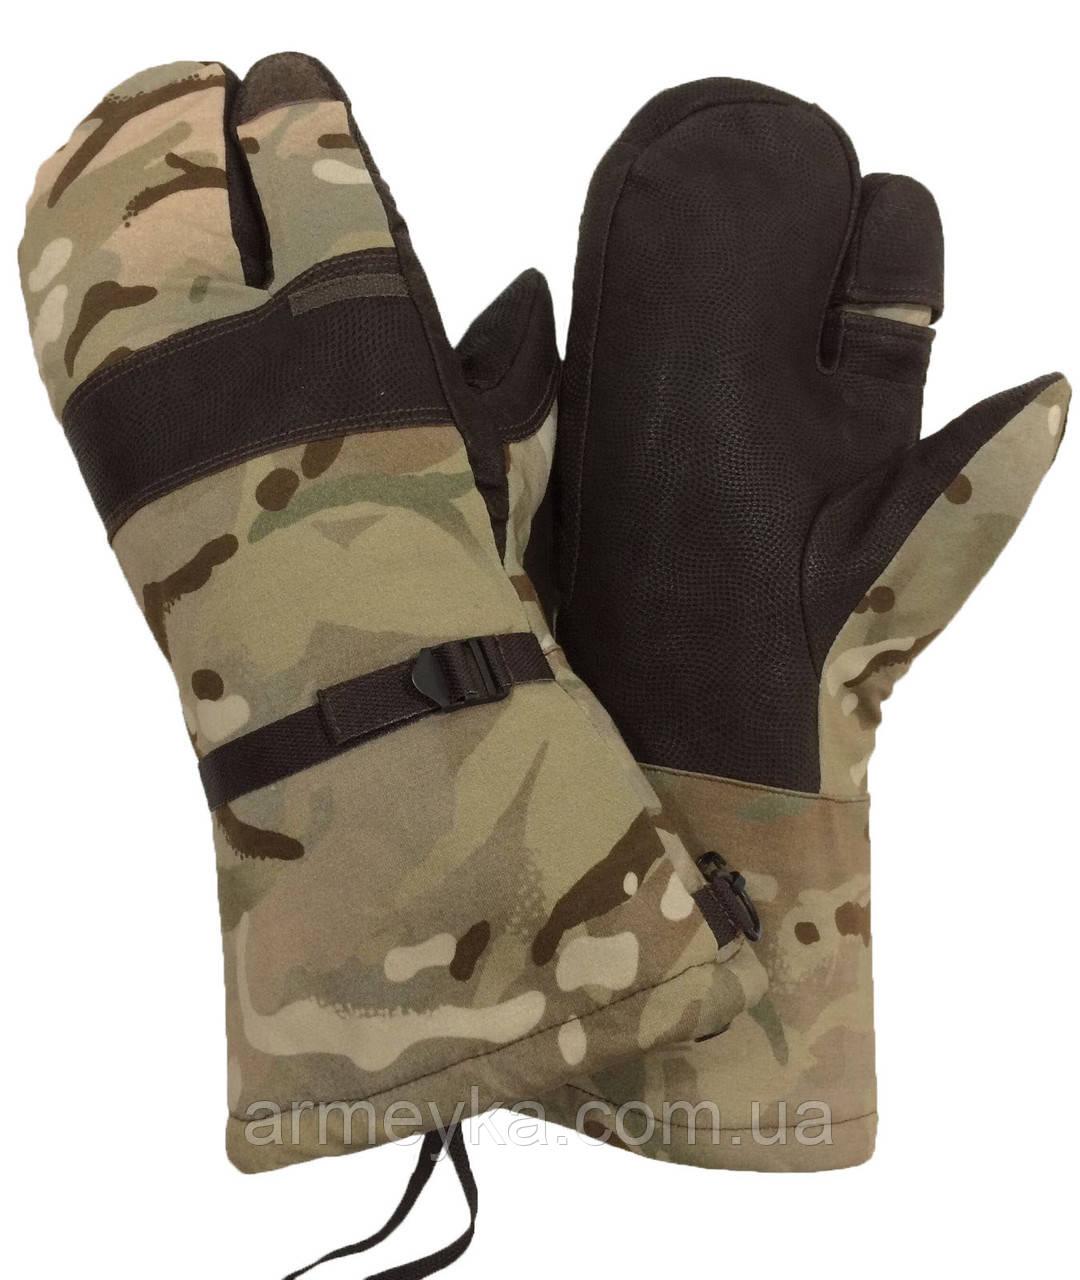 Трехпалые мембранные (Gore-tex) рукавицы МТР. Великобритания, оригинал